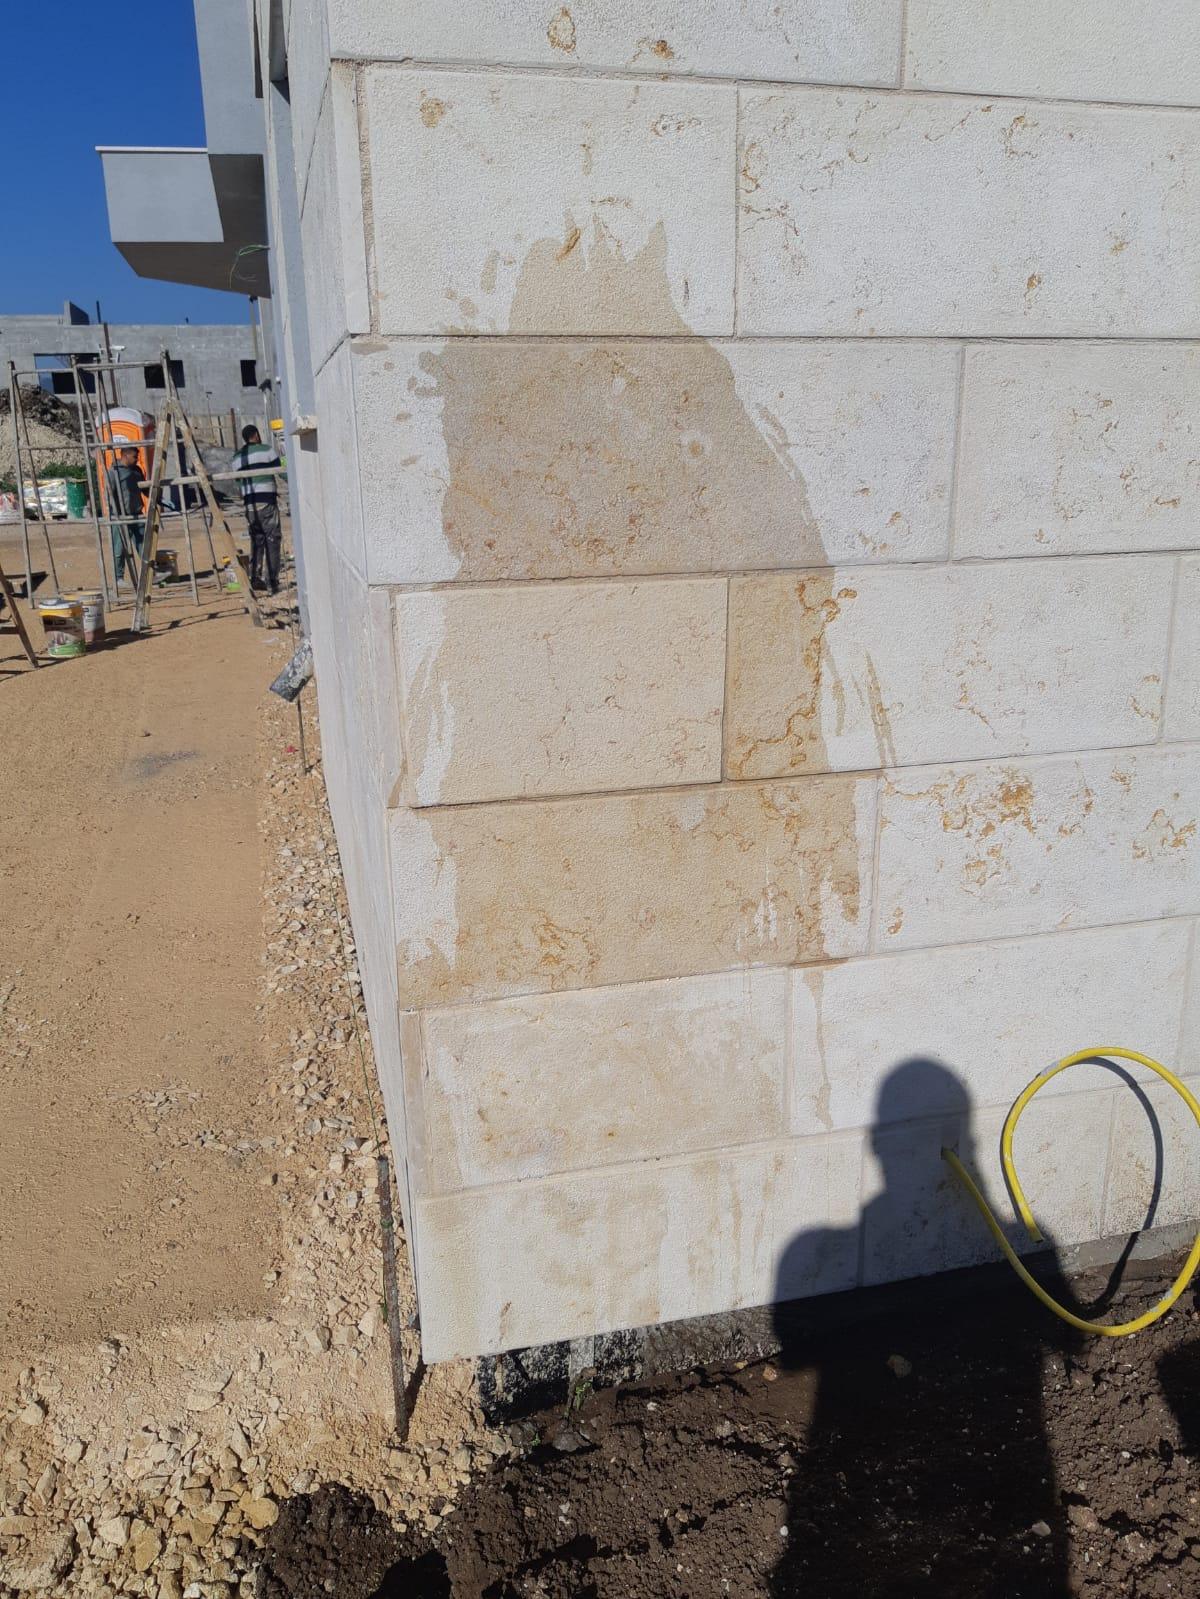 מריחה של דוגמת סקרמו טרצה על קיר אבן והרטבה